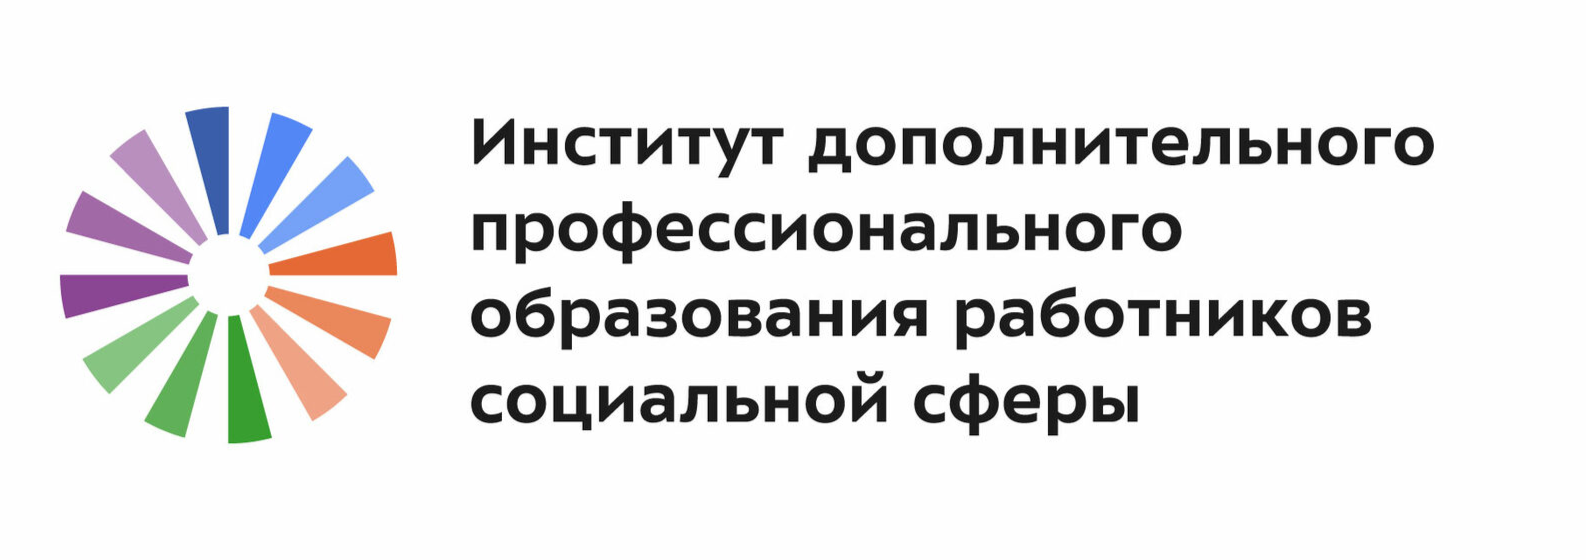 ГАУ ИДПО ДТСЗН